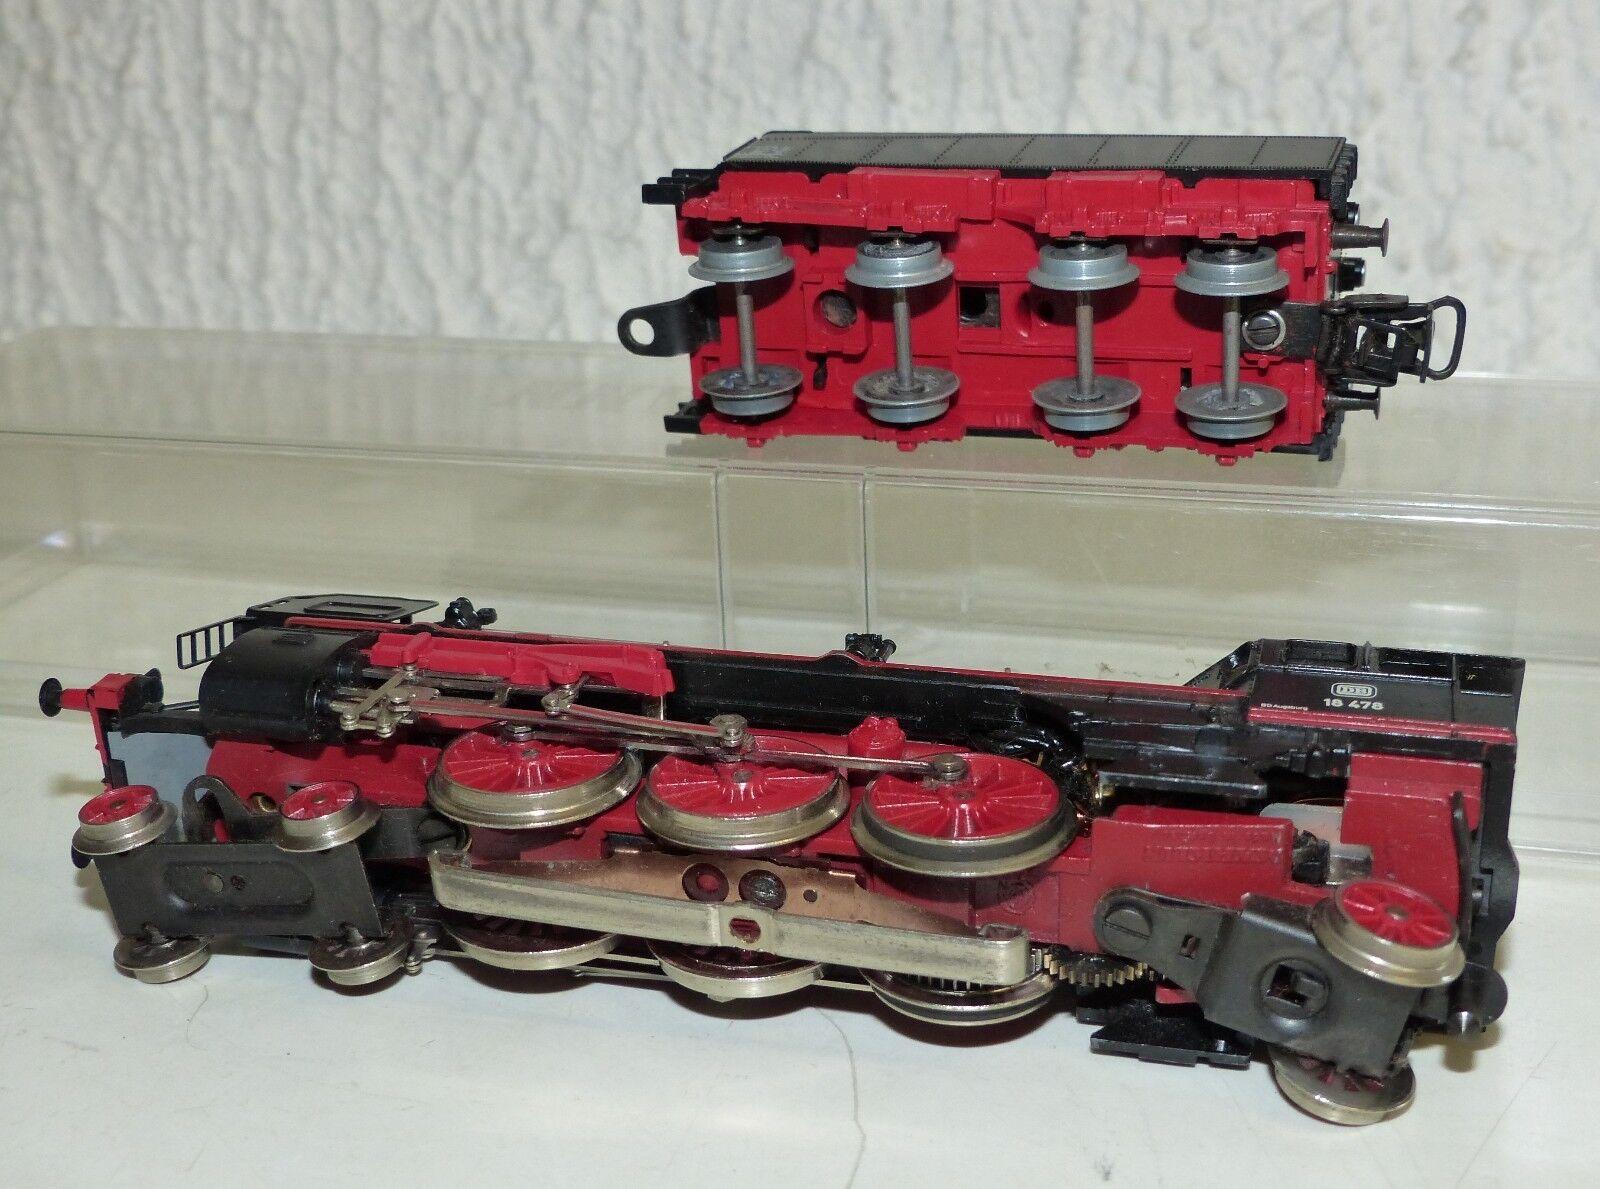 Märklin Märklin Märklin 3093 Dampflok BR 18 478 ca. 1977-87 Guss H0  | Wunderbar  2bf6ba